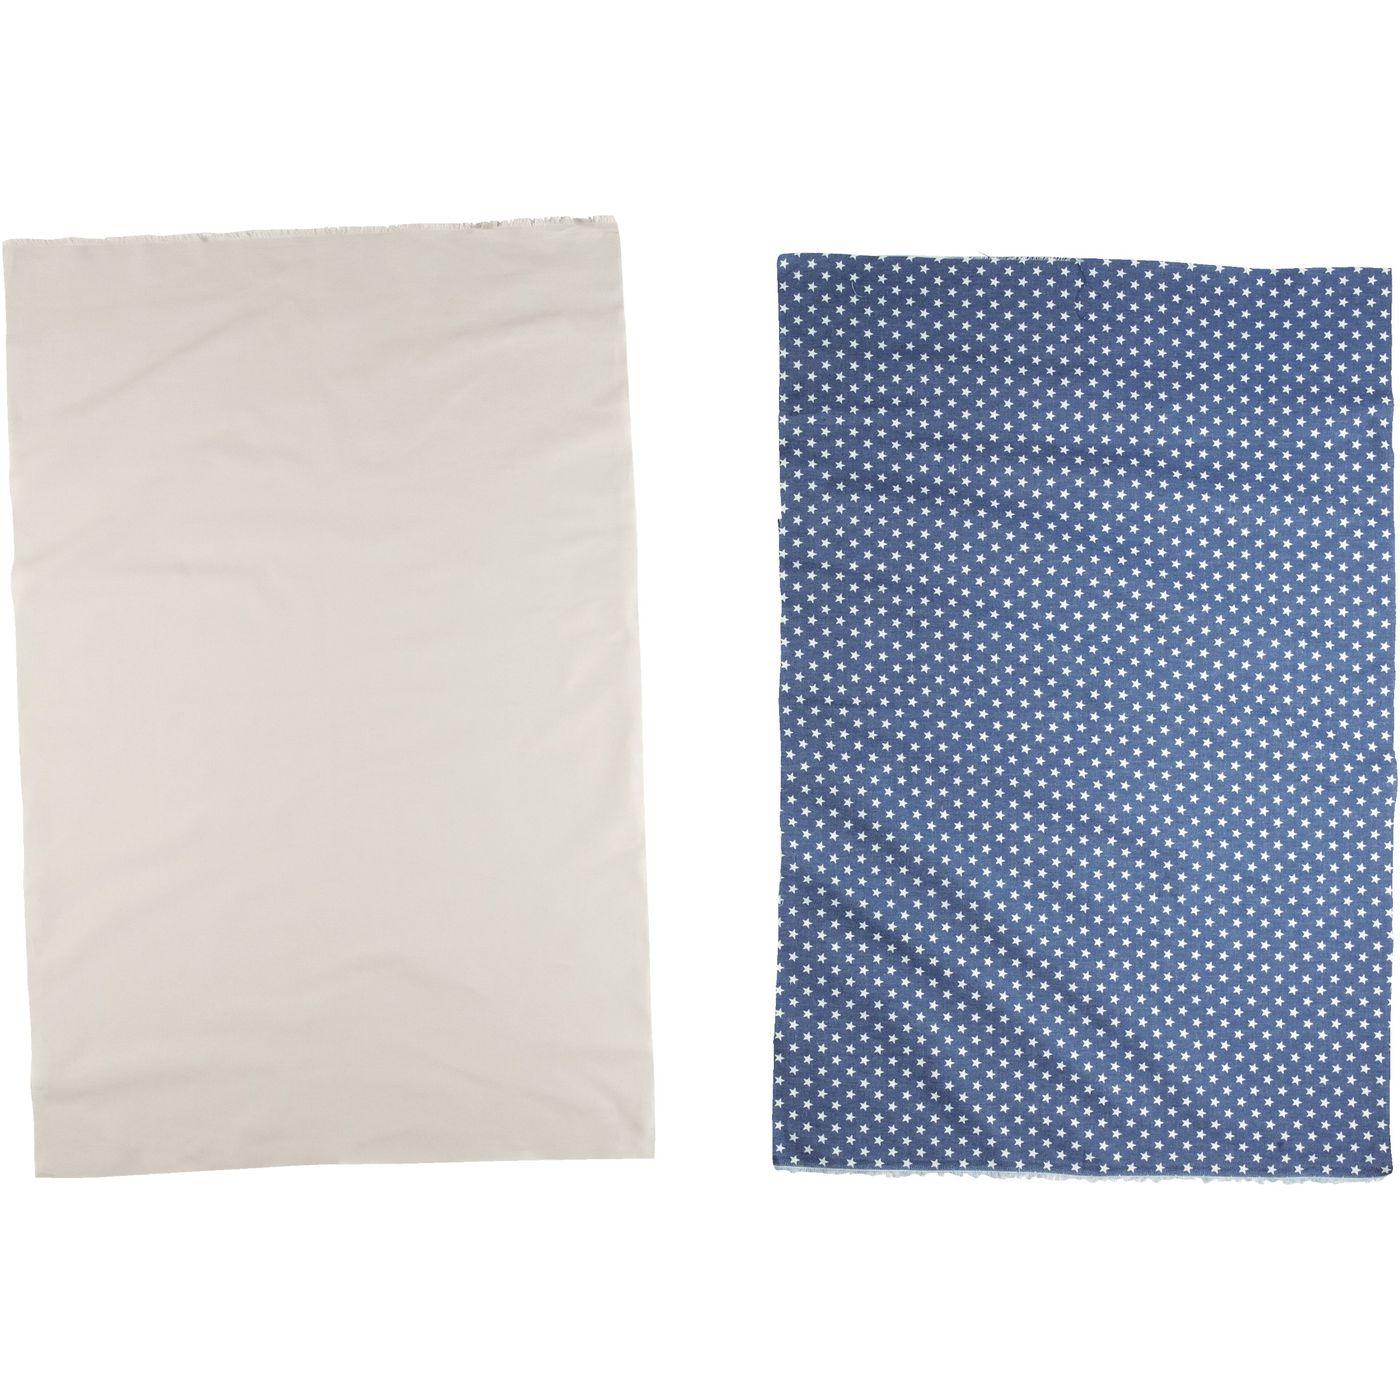 Ткани для шитья с Nähanleitung, 3 шт